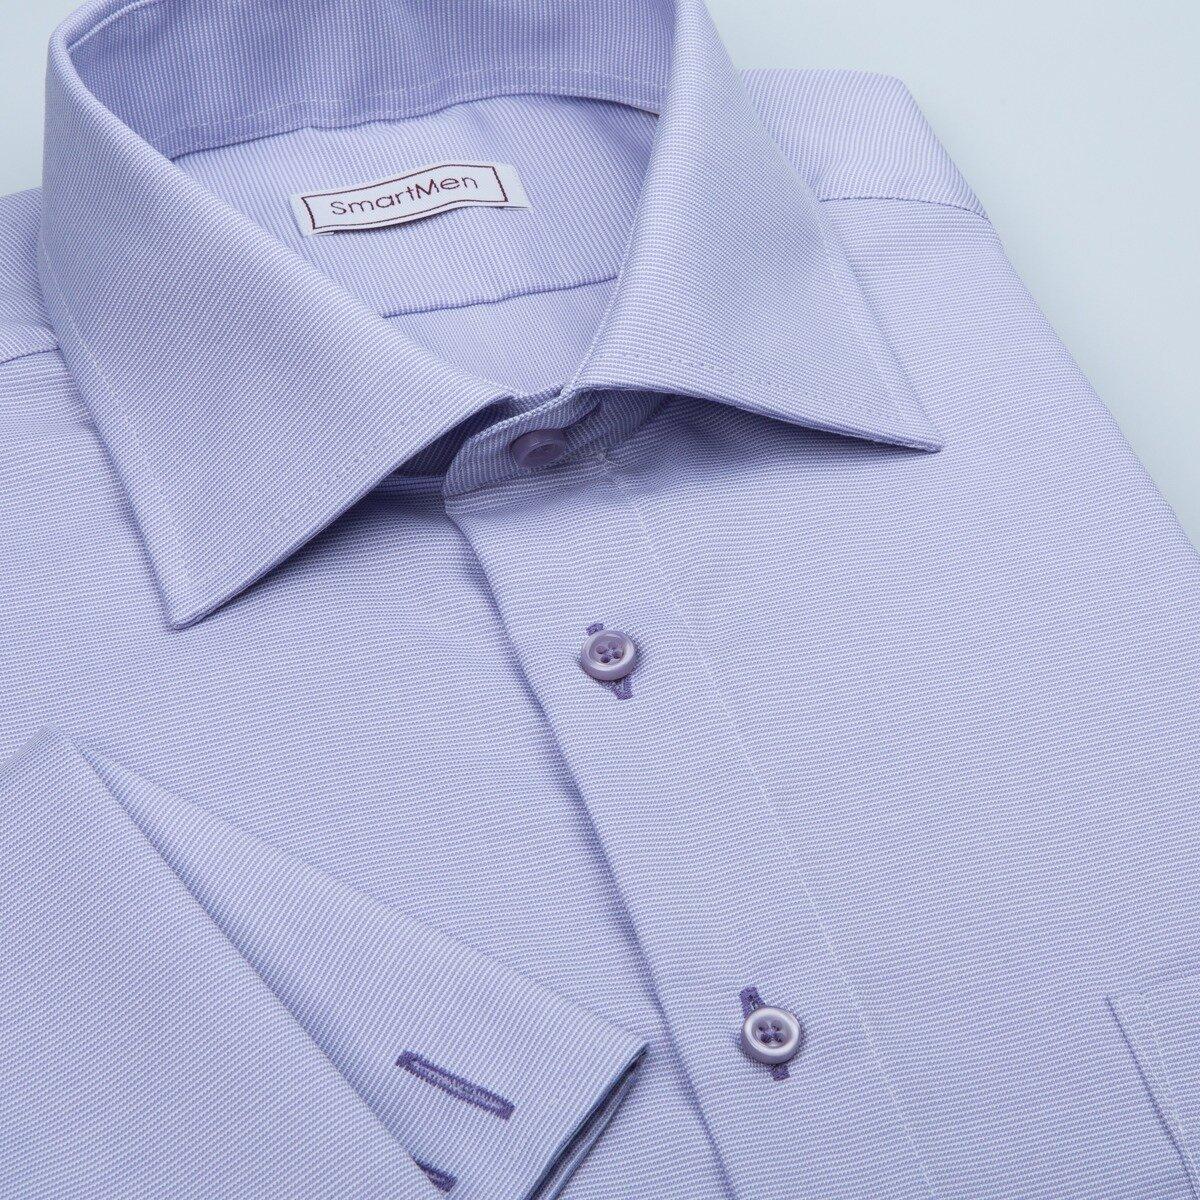 9a5a05abdf2f Pánska luxusná košeľa fialová na manžetové gombíky